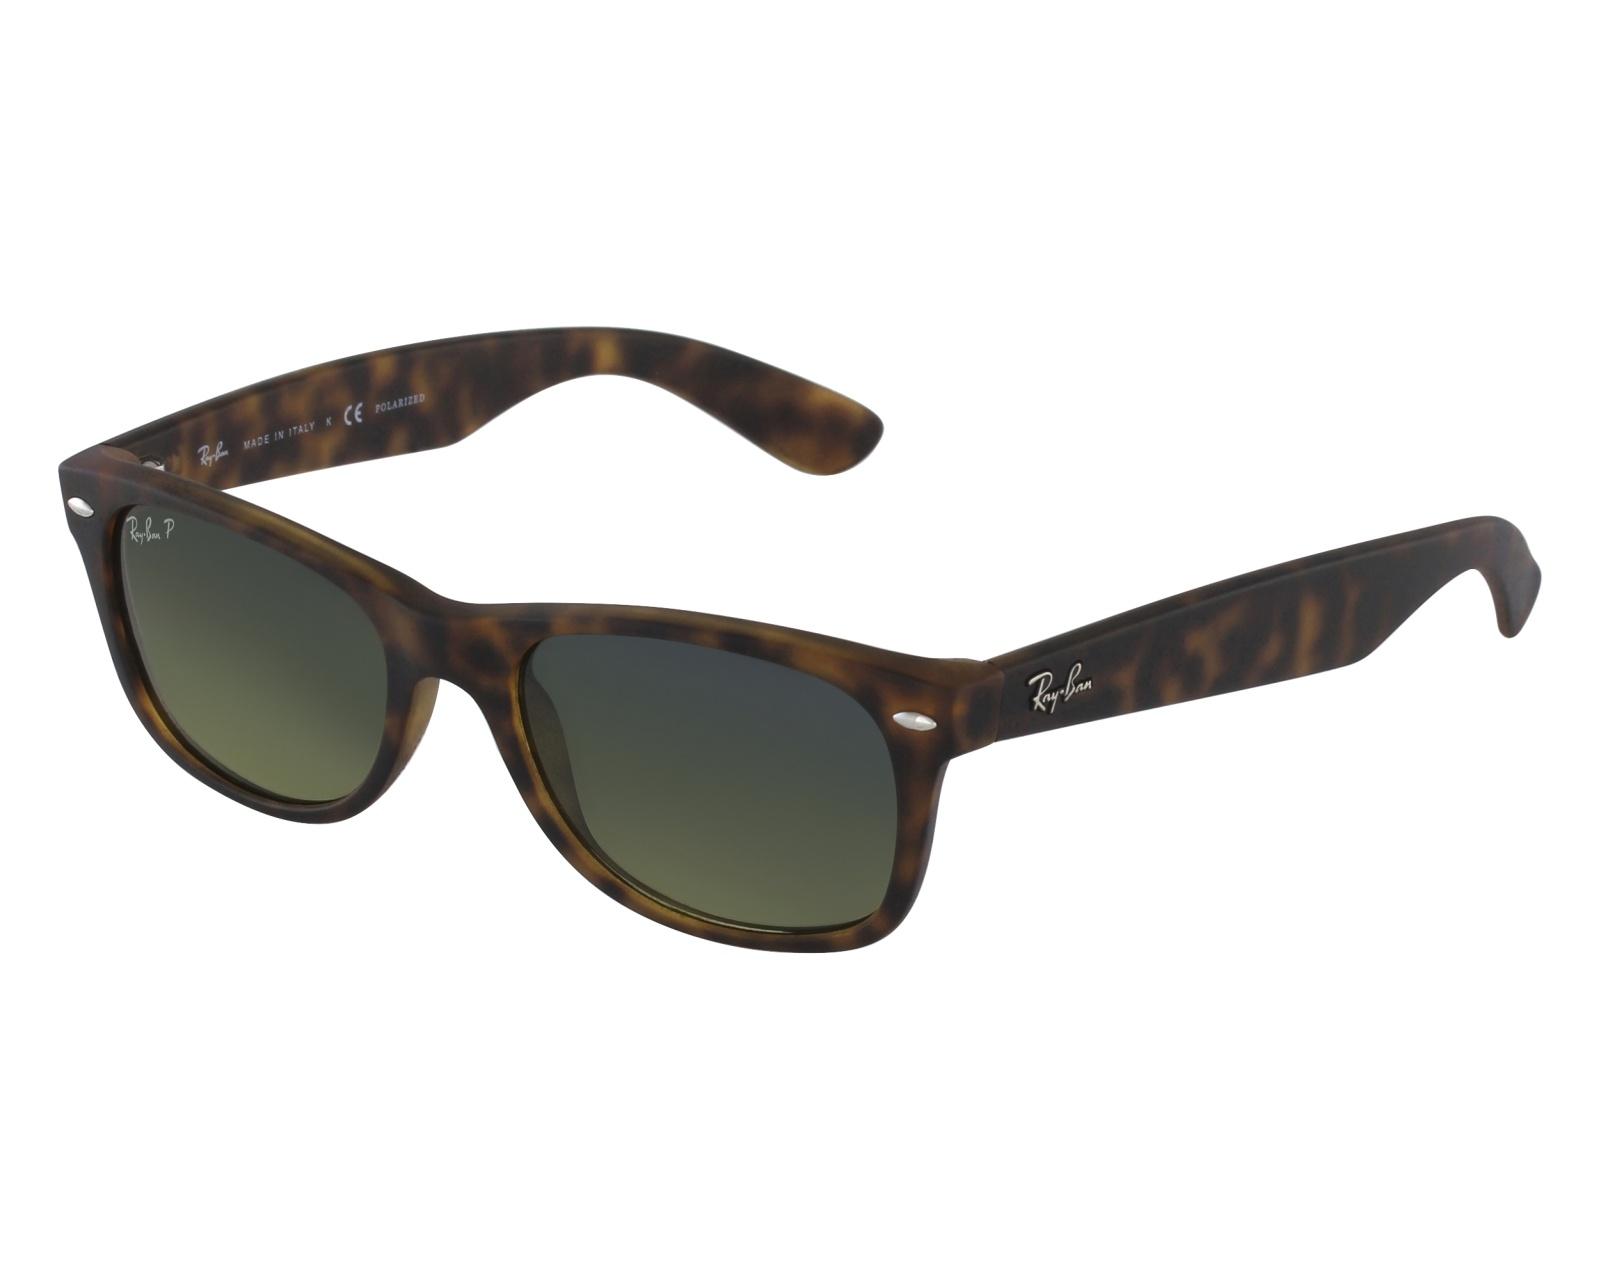 b879640aac Gafas de sol Ray-Ban RB-2132 894/76 52-18 Havana